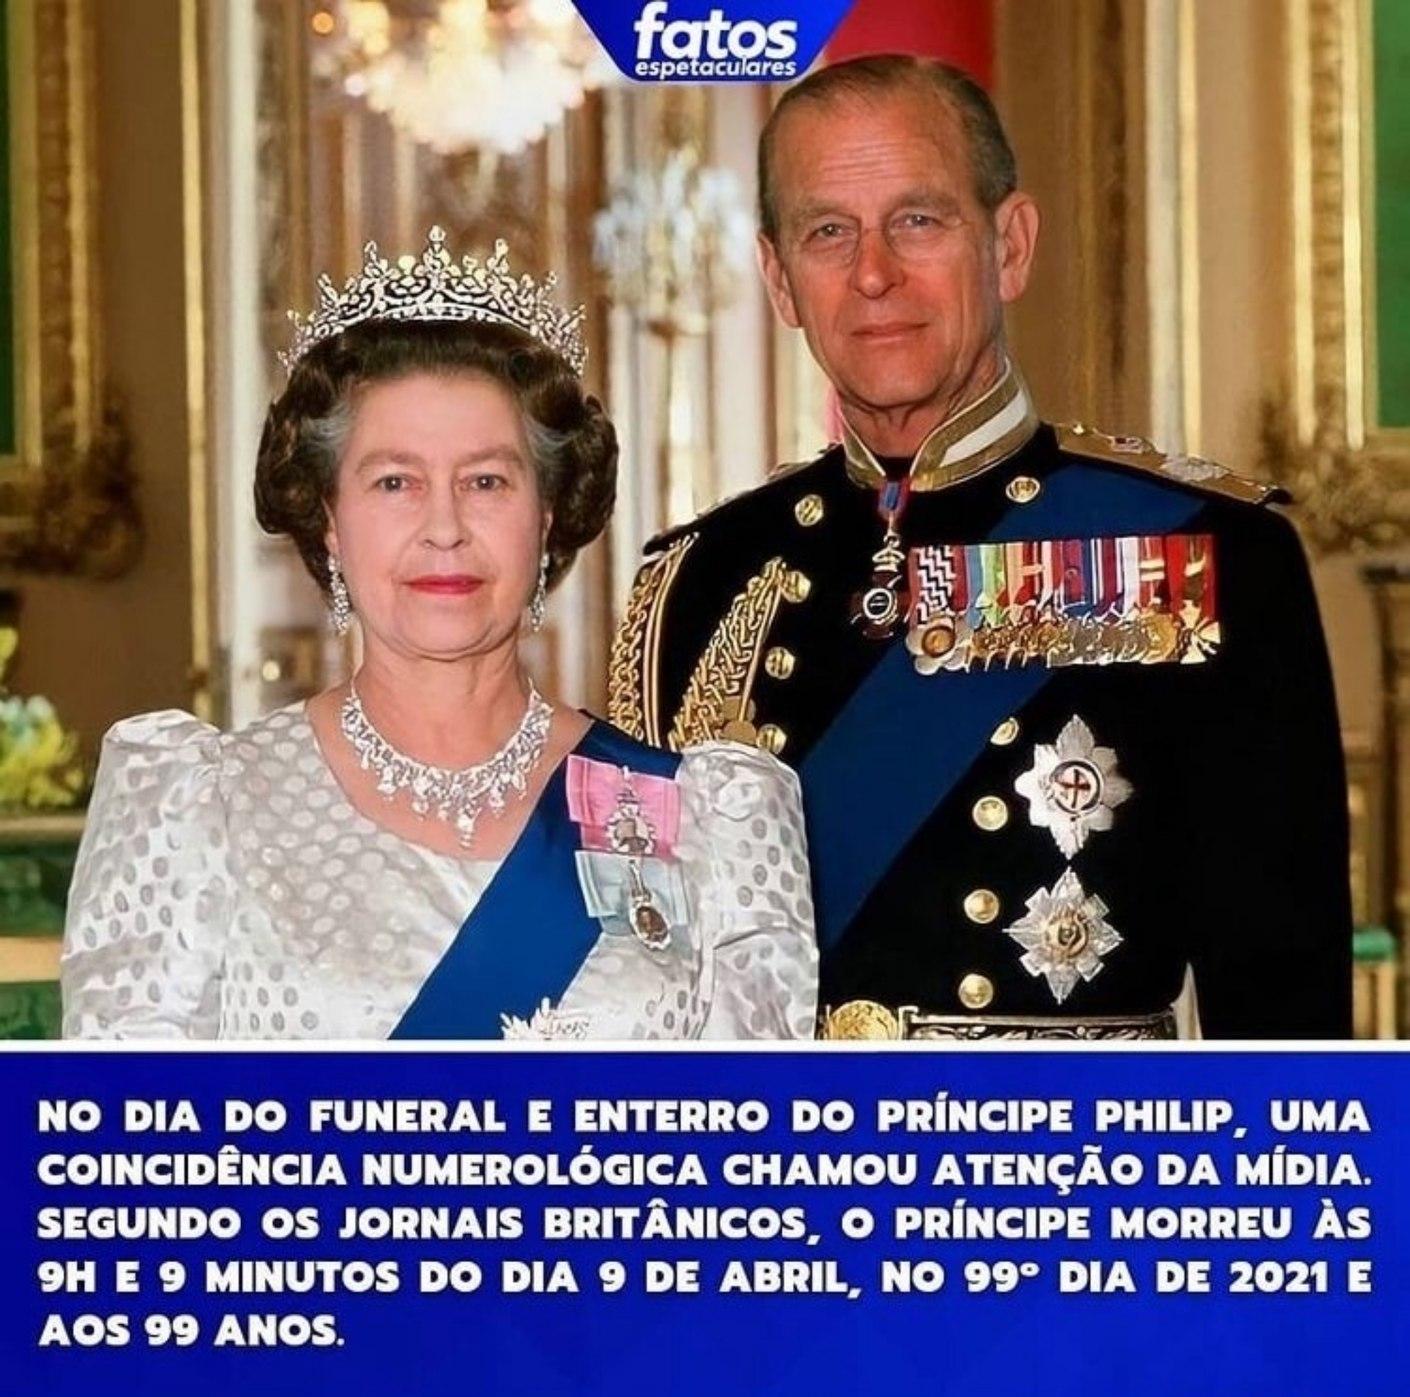 Acabei de saber que o filho da rainha morreu, foda. - meme